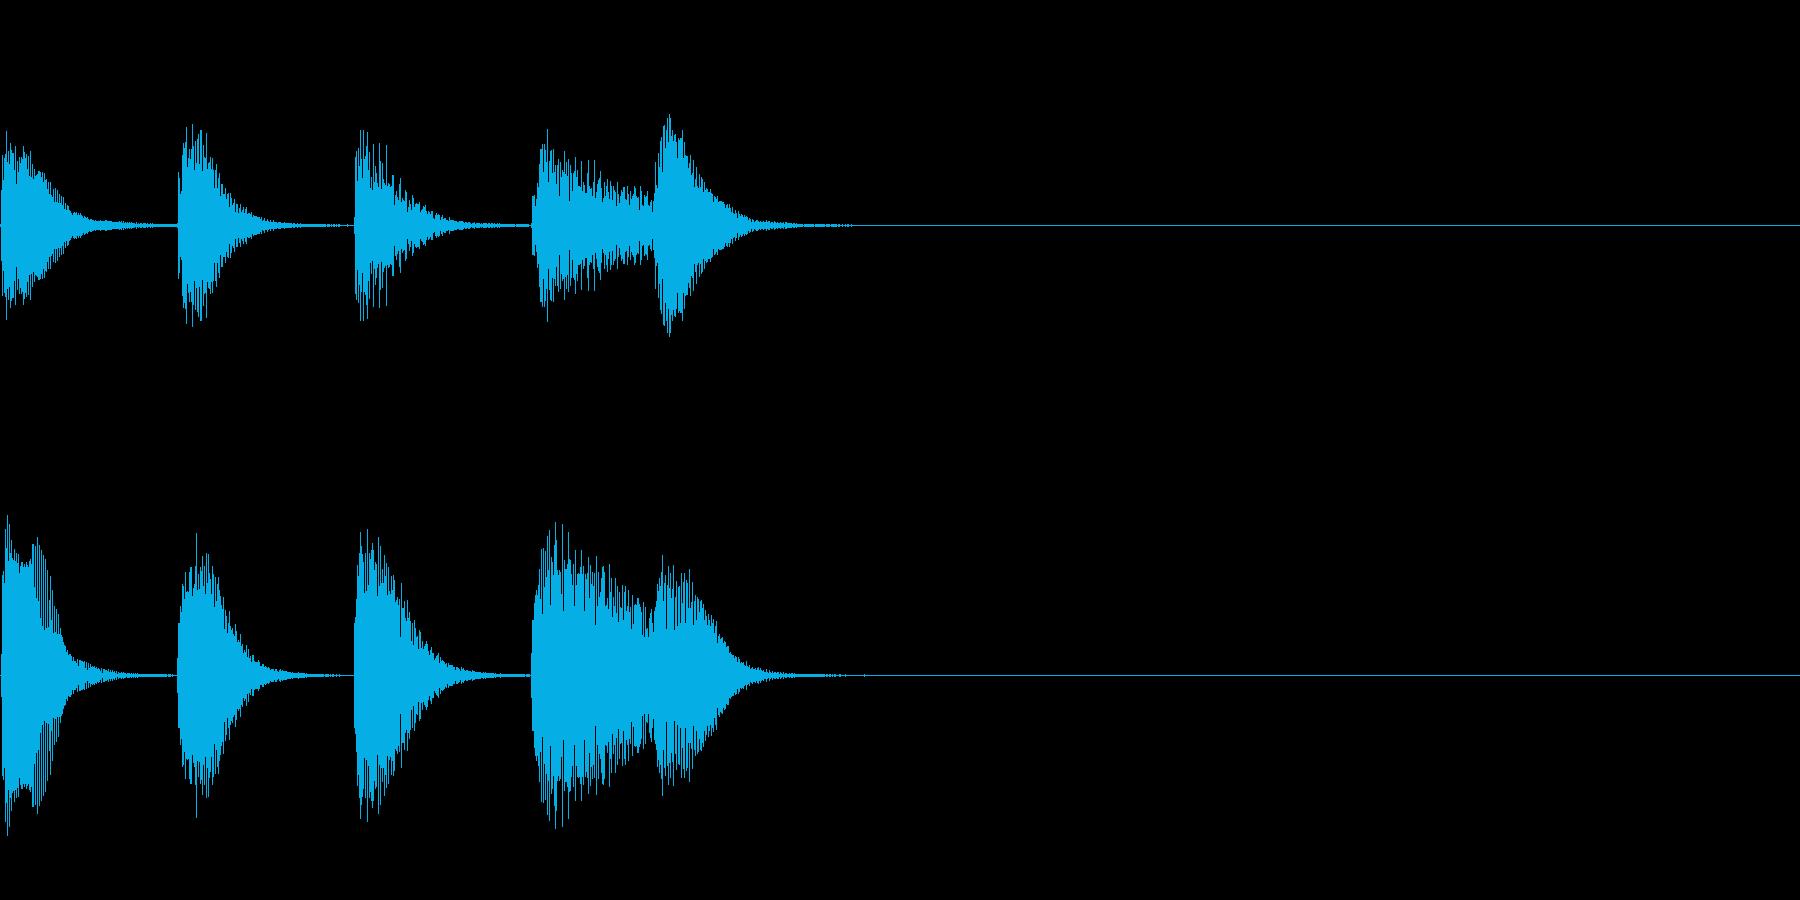 やさしいピアノ・サウンドロゴ2の再生済みの波形